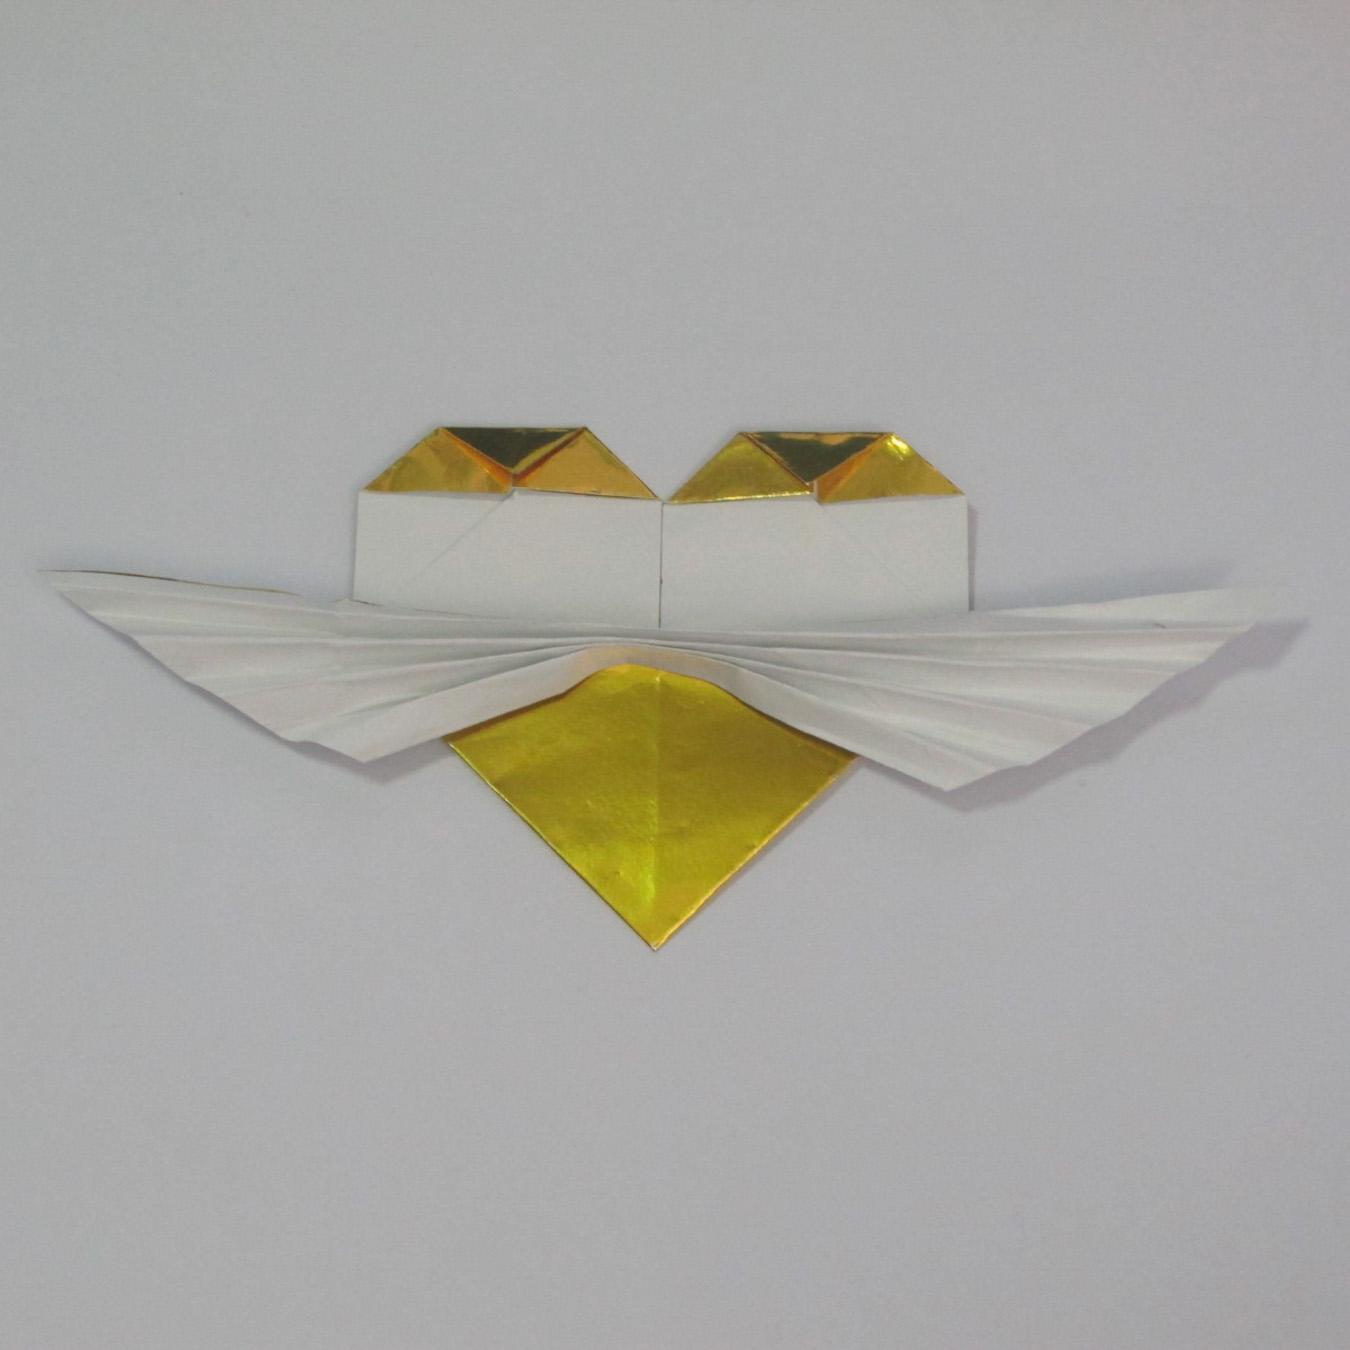 วิธีพับกระดาษเป็นรูปหัวใจติดปีก (Heart Wing Origami) 028